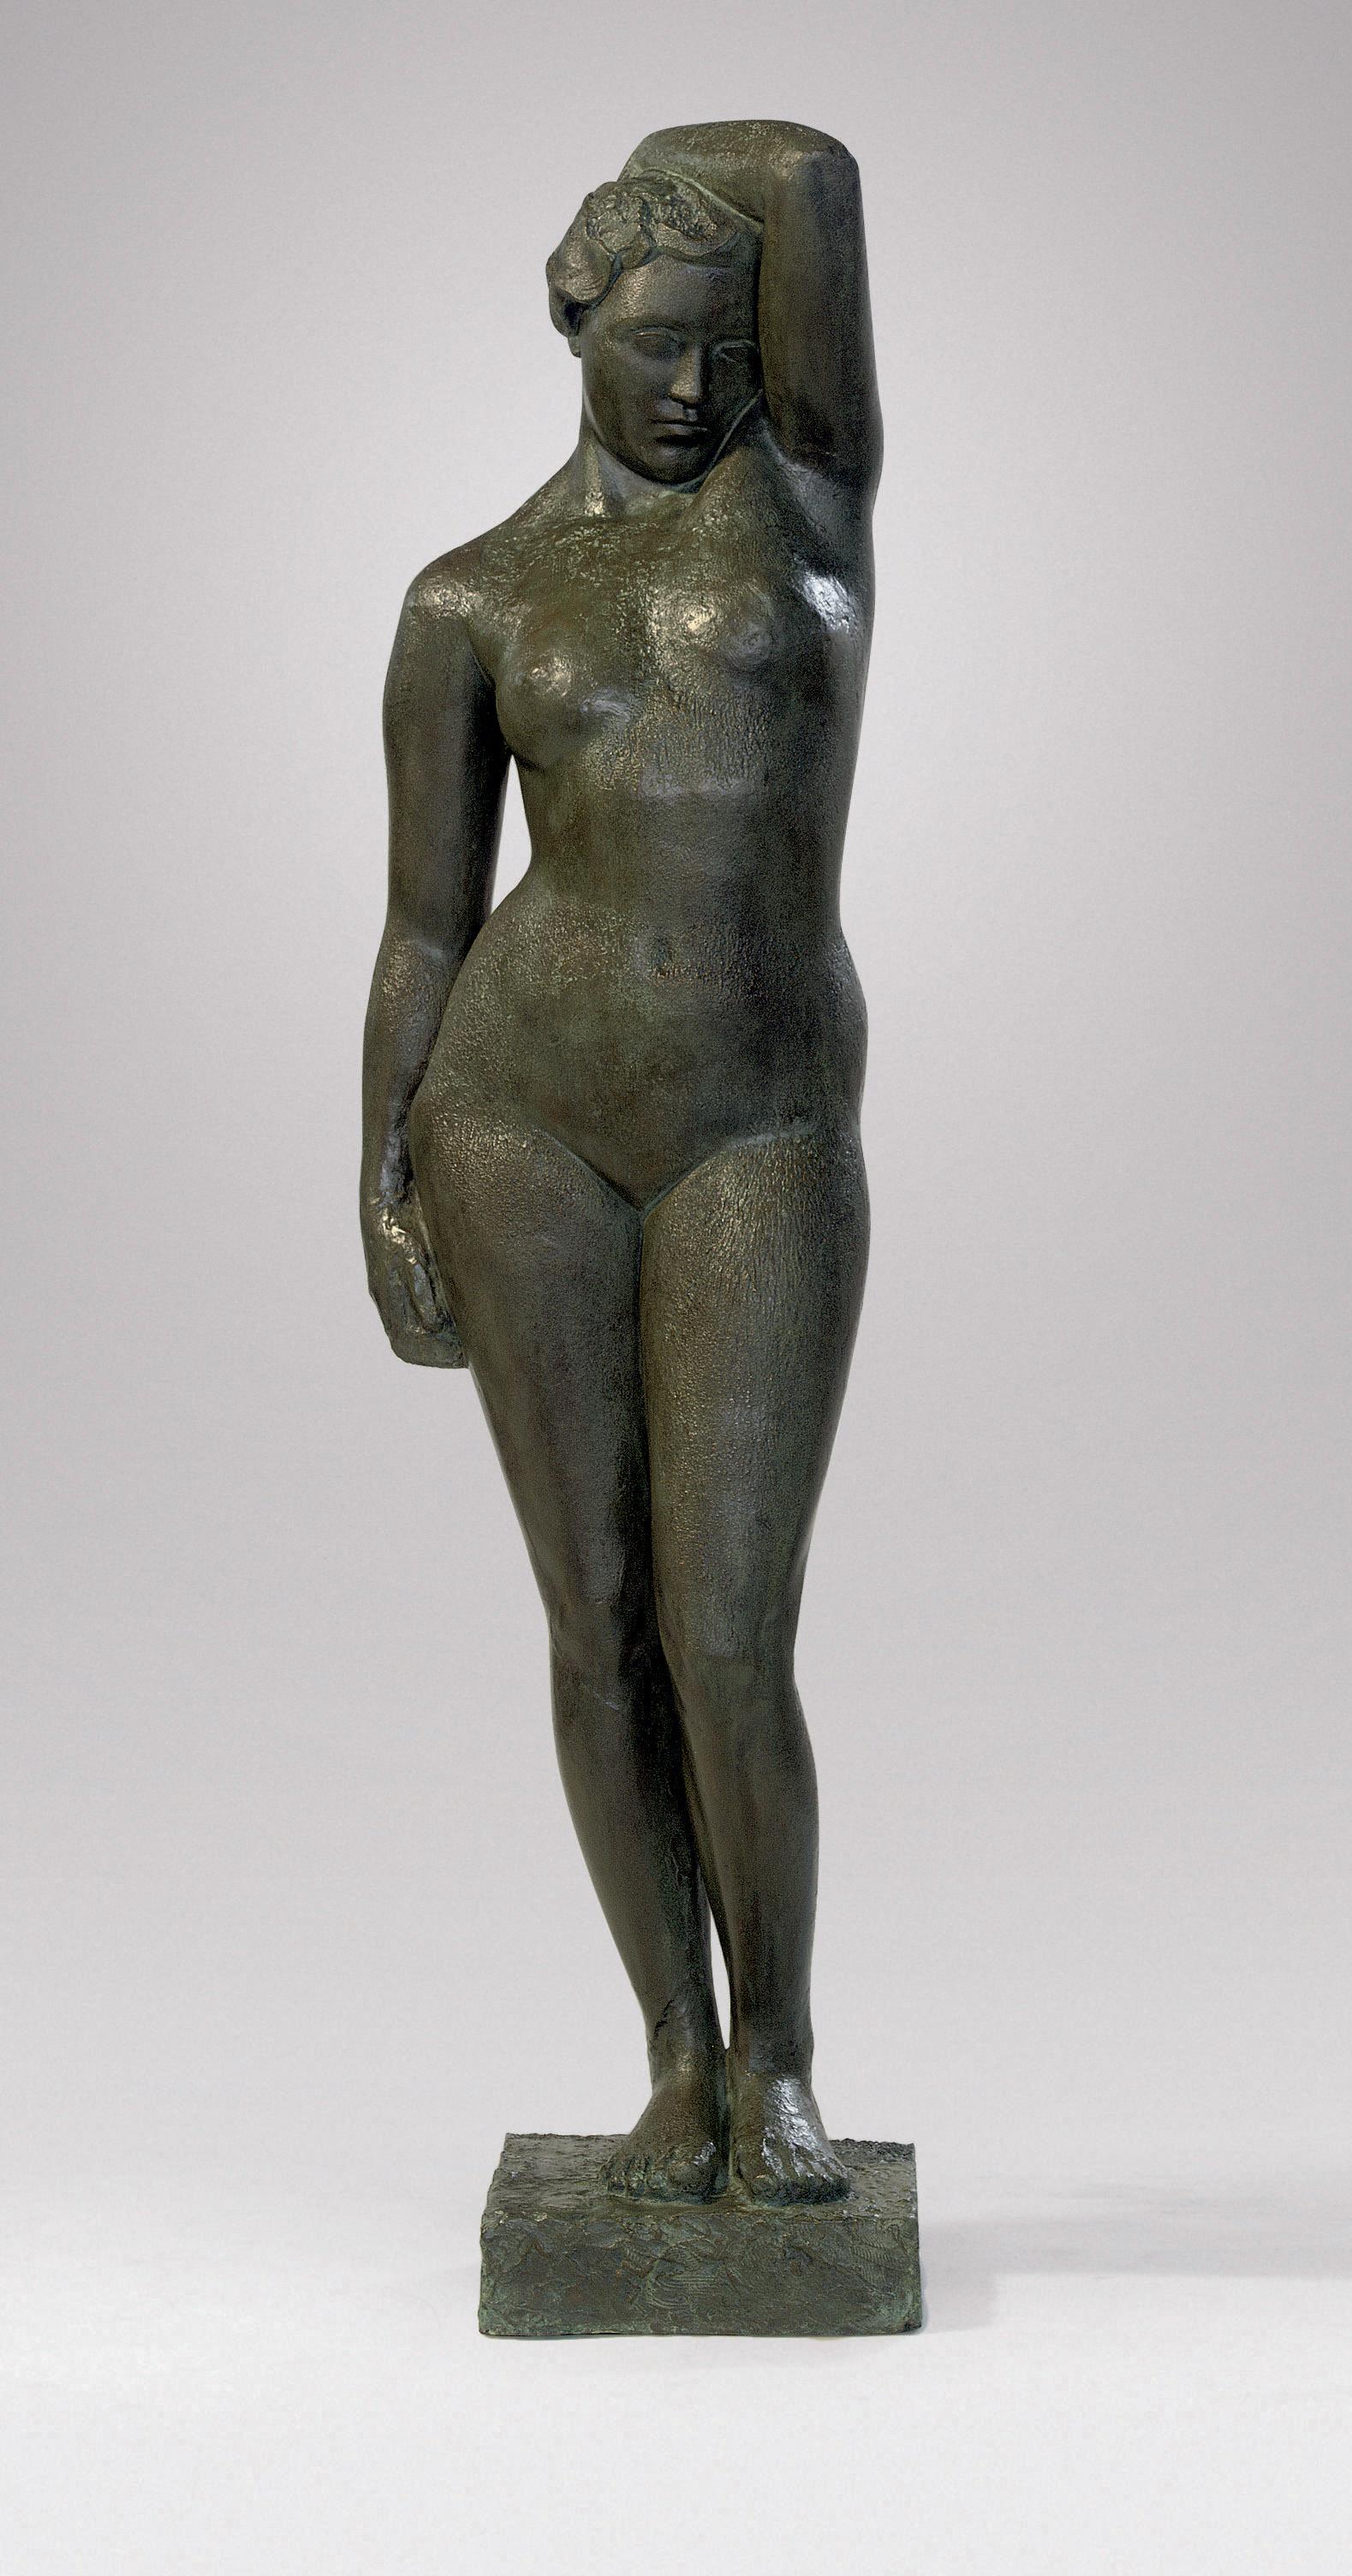 Staand naakt met geheven arm: standing nude